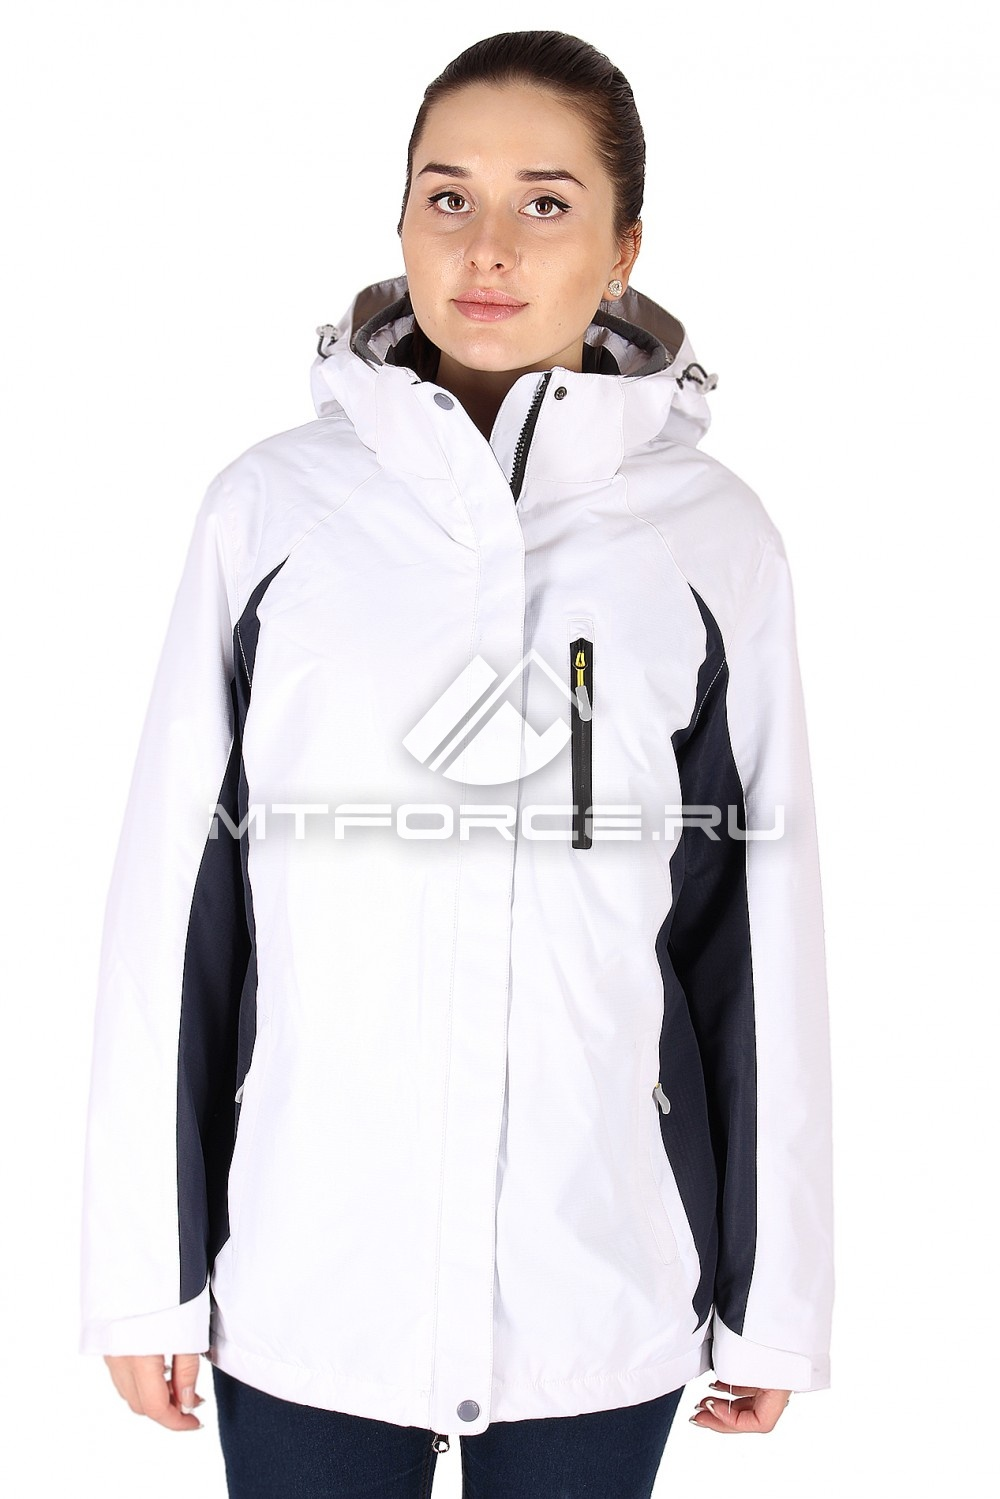 Купить                                  оптом Куртка спортивная женская батал белого цвета 097Bl